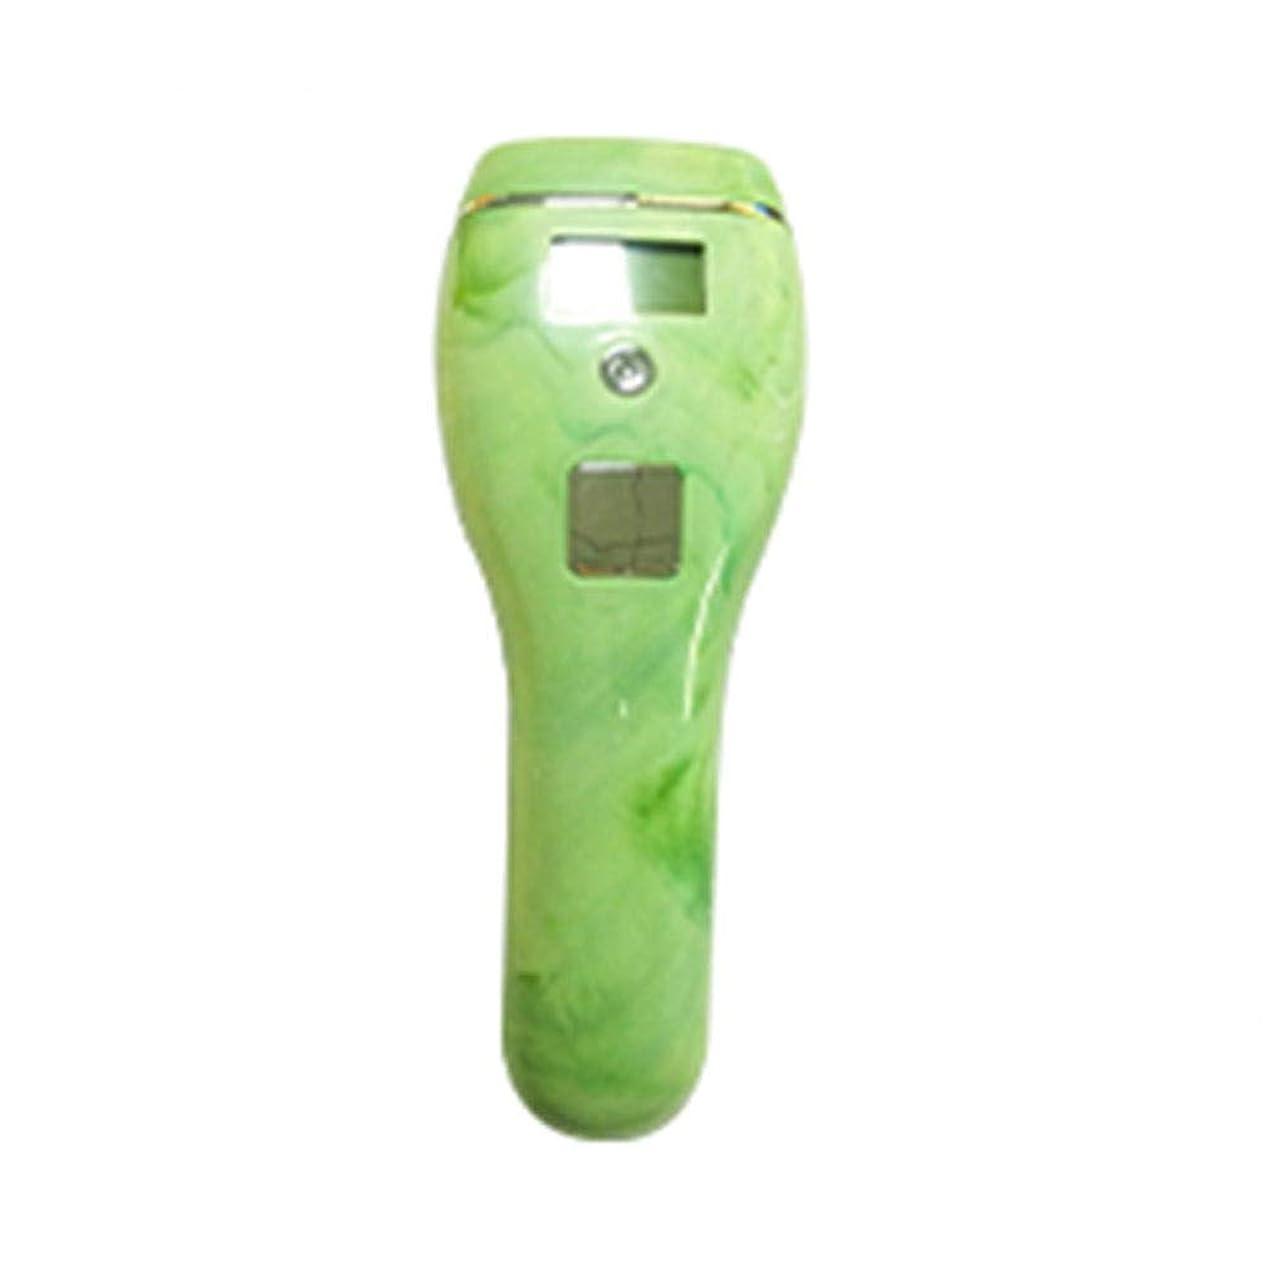 サポートトランジスタ遺伝的高男 自動皮膚感知グリーン、5スピード調整、石英管、ポータブル無痛全身凍結脱毛器、サイズ19x7x5cm (Color : Green)